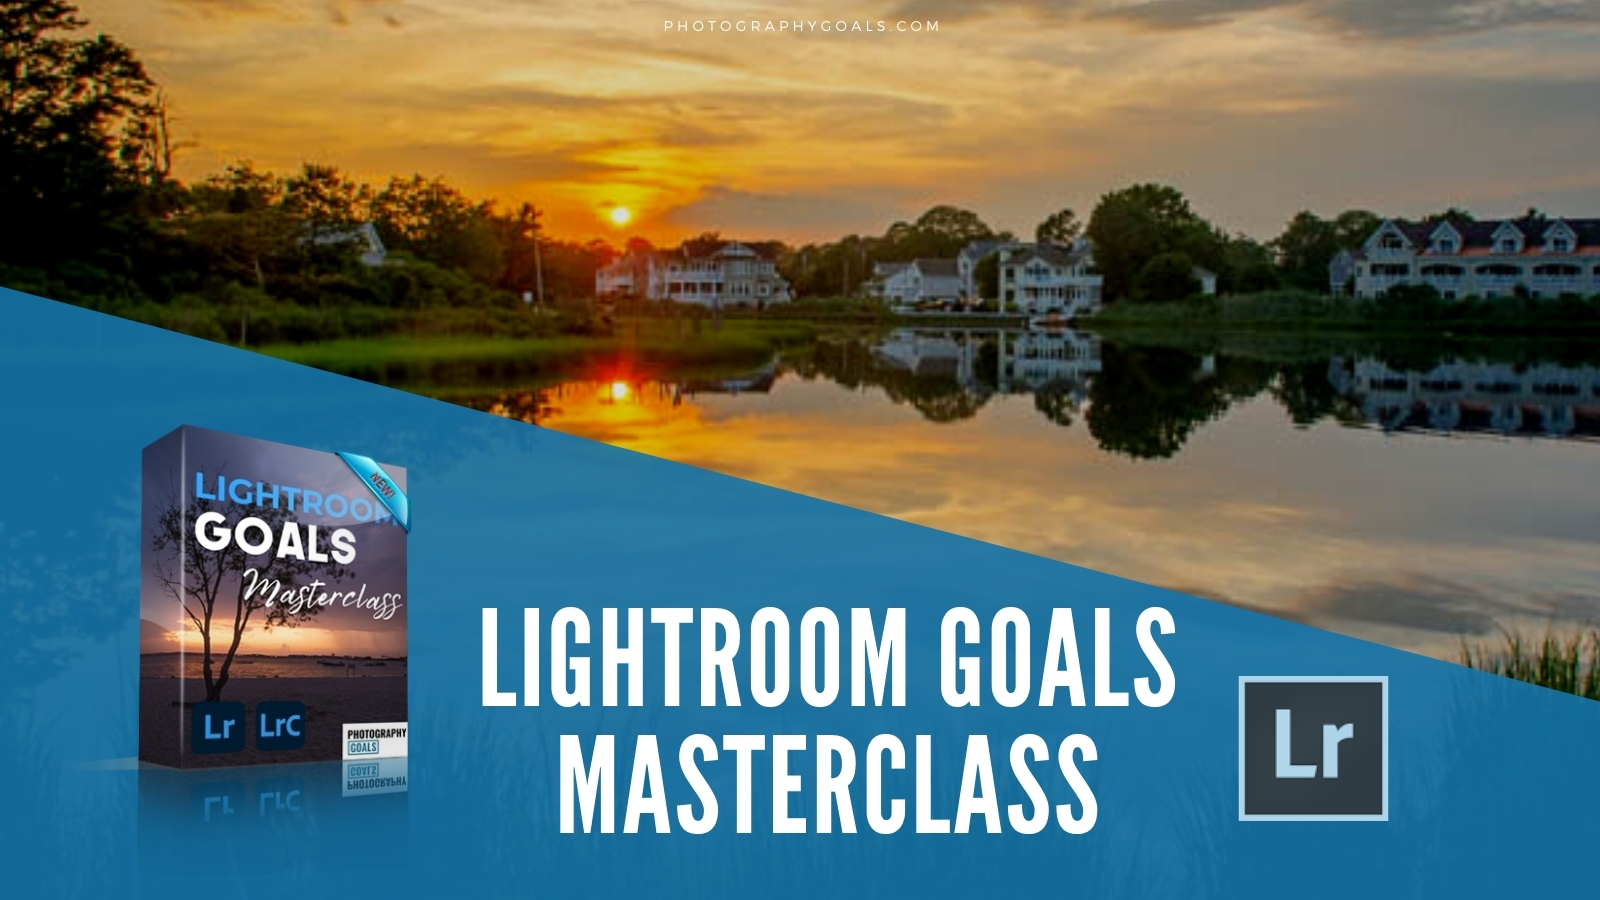 lightroom-goals-course_fb-ad-001_16x9